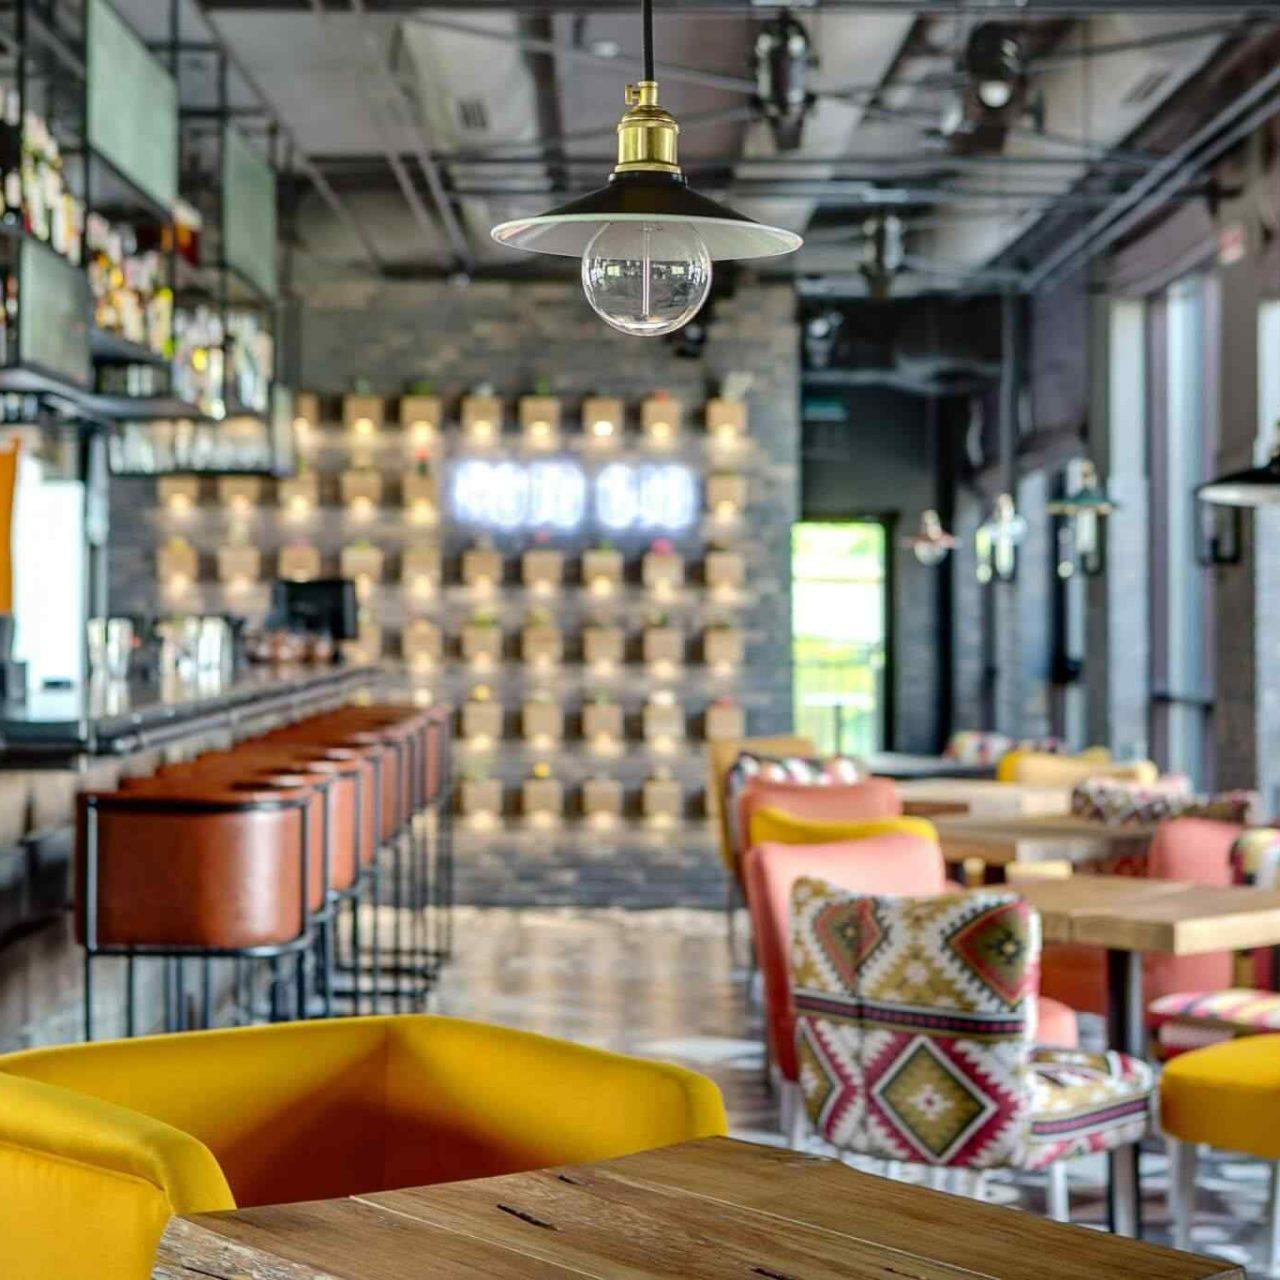 http://www.apnottingham.org.uk/wp-content/uploads/2017/10/restaurant-mexican-16-1-1280x1280.jpg